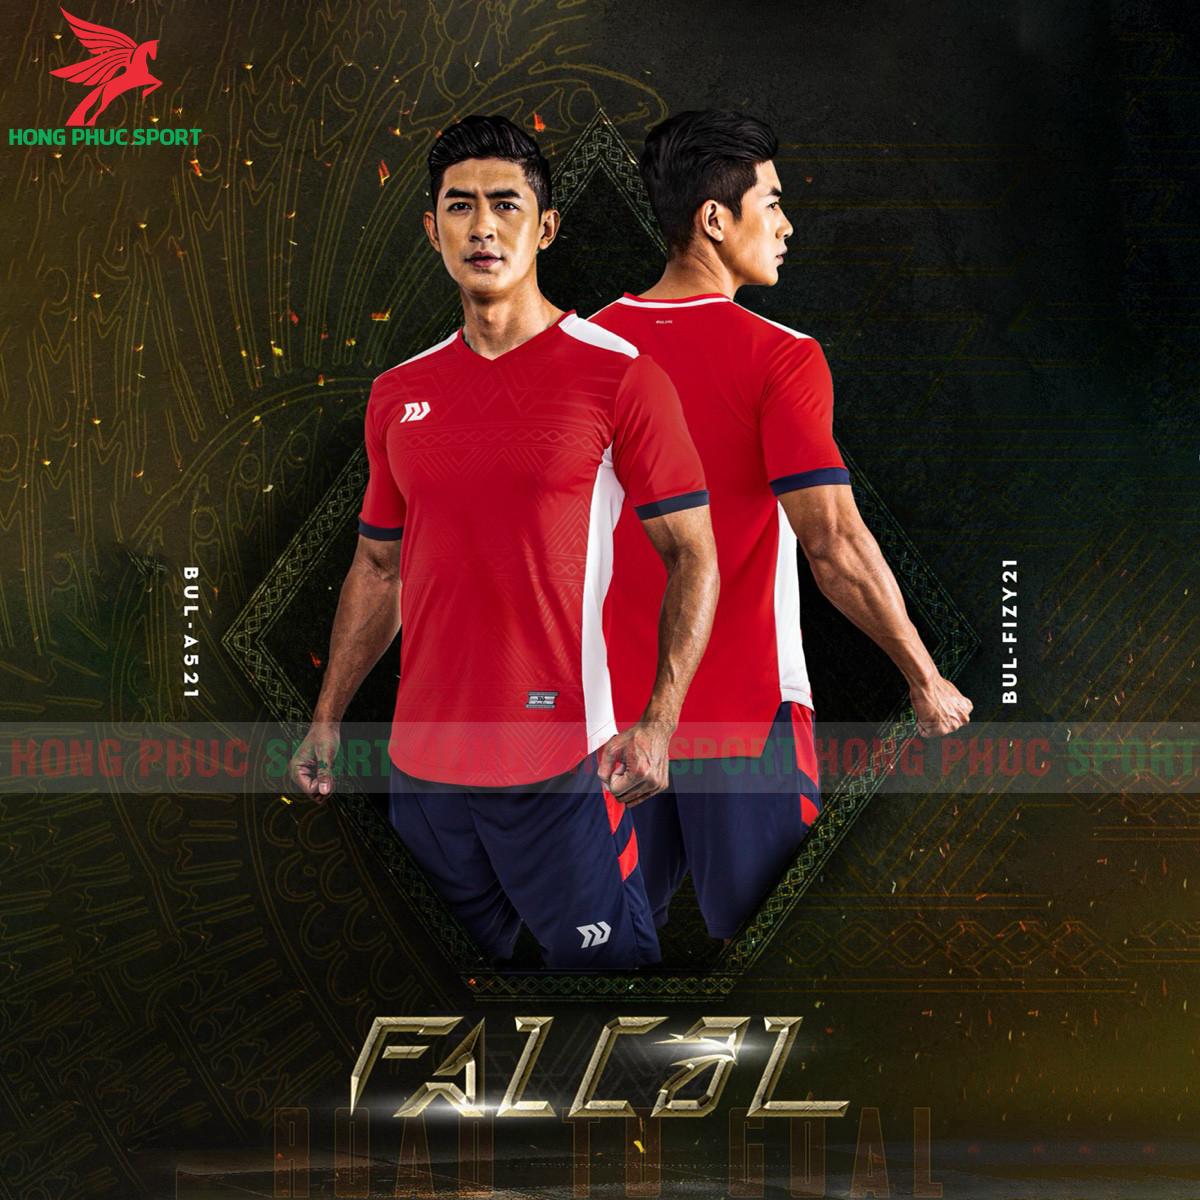 Áo đá banh không logo Bulbal Falcol 2021 màu đỏ (2)